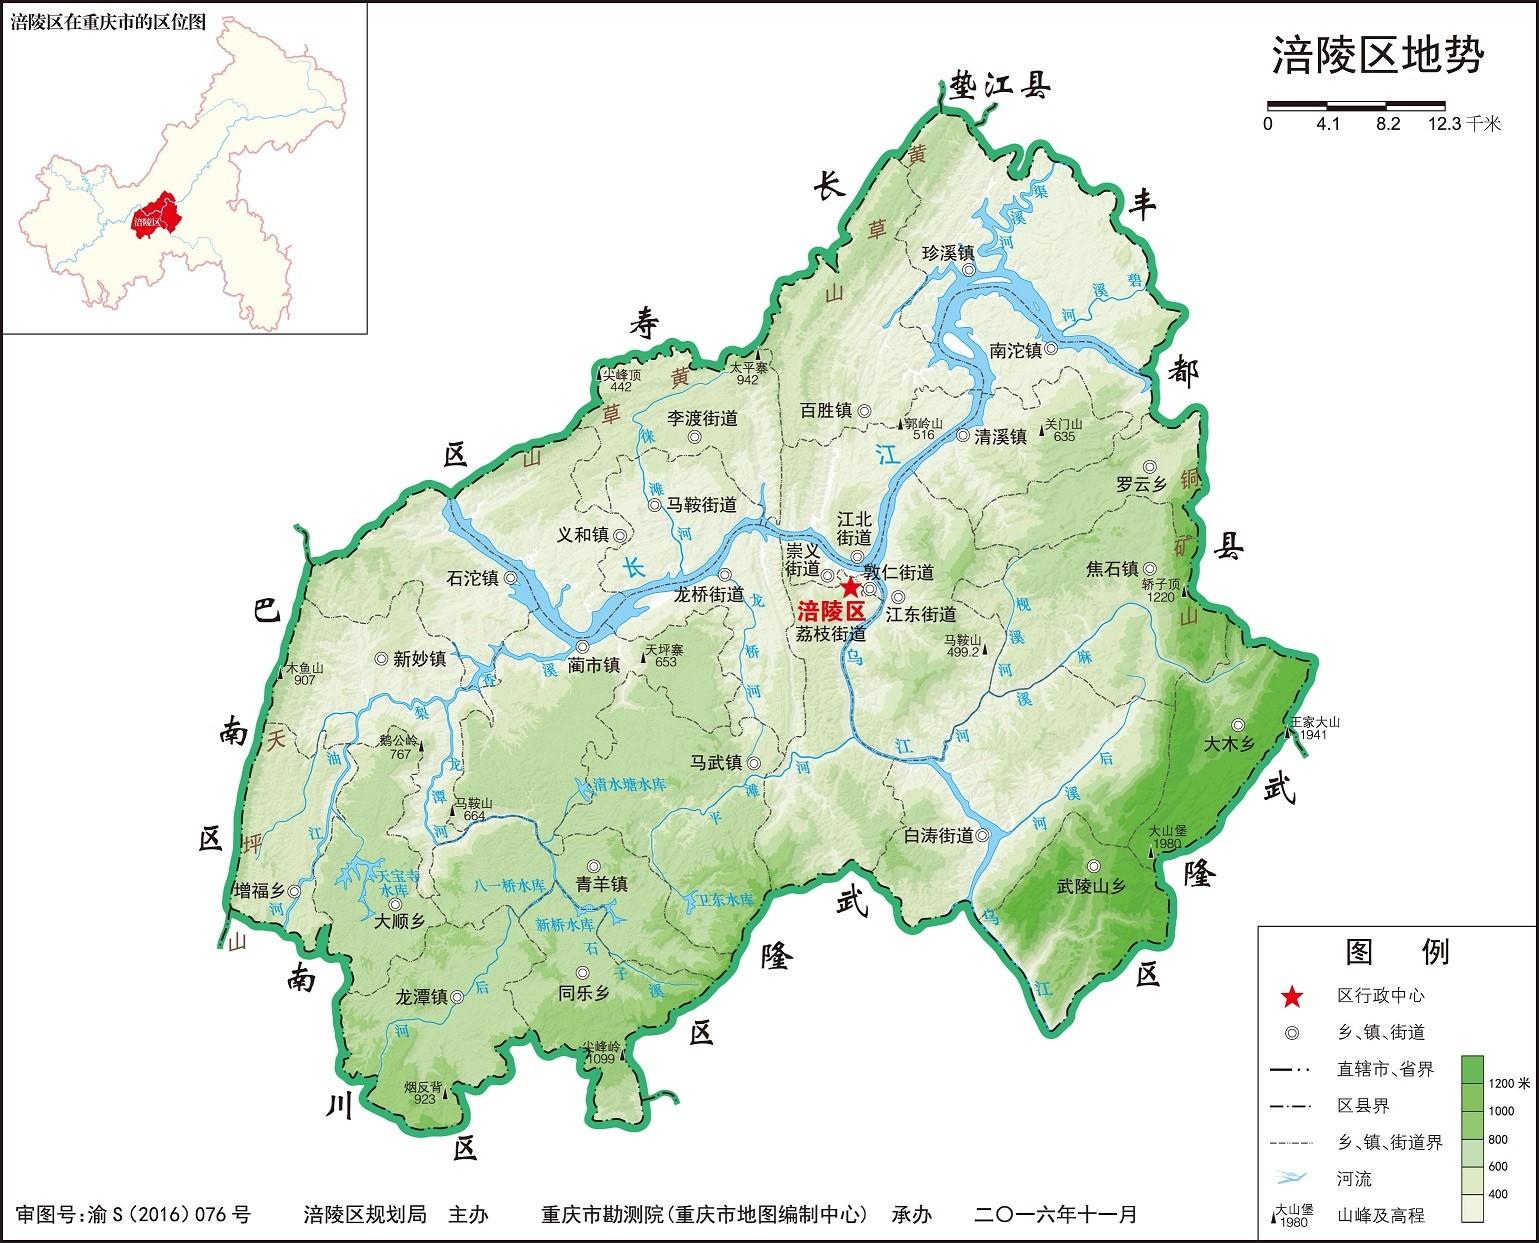 涪陵区地势.jpg